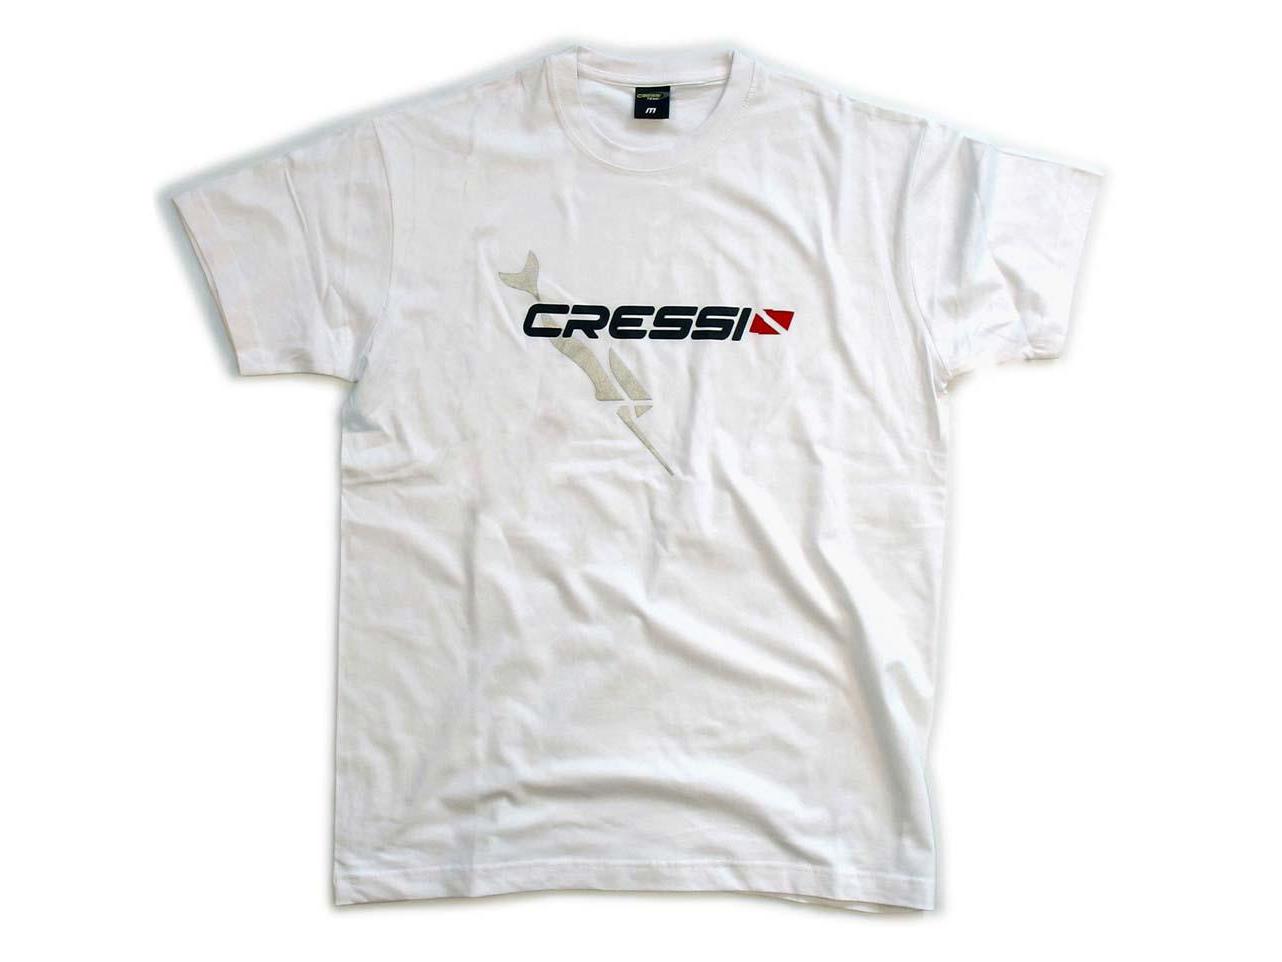 Cressi(クレッシー) Tシャツ 白 「team CRESSI」